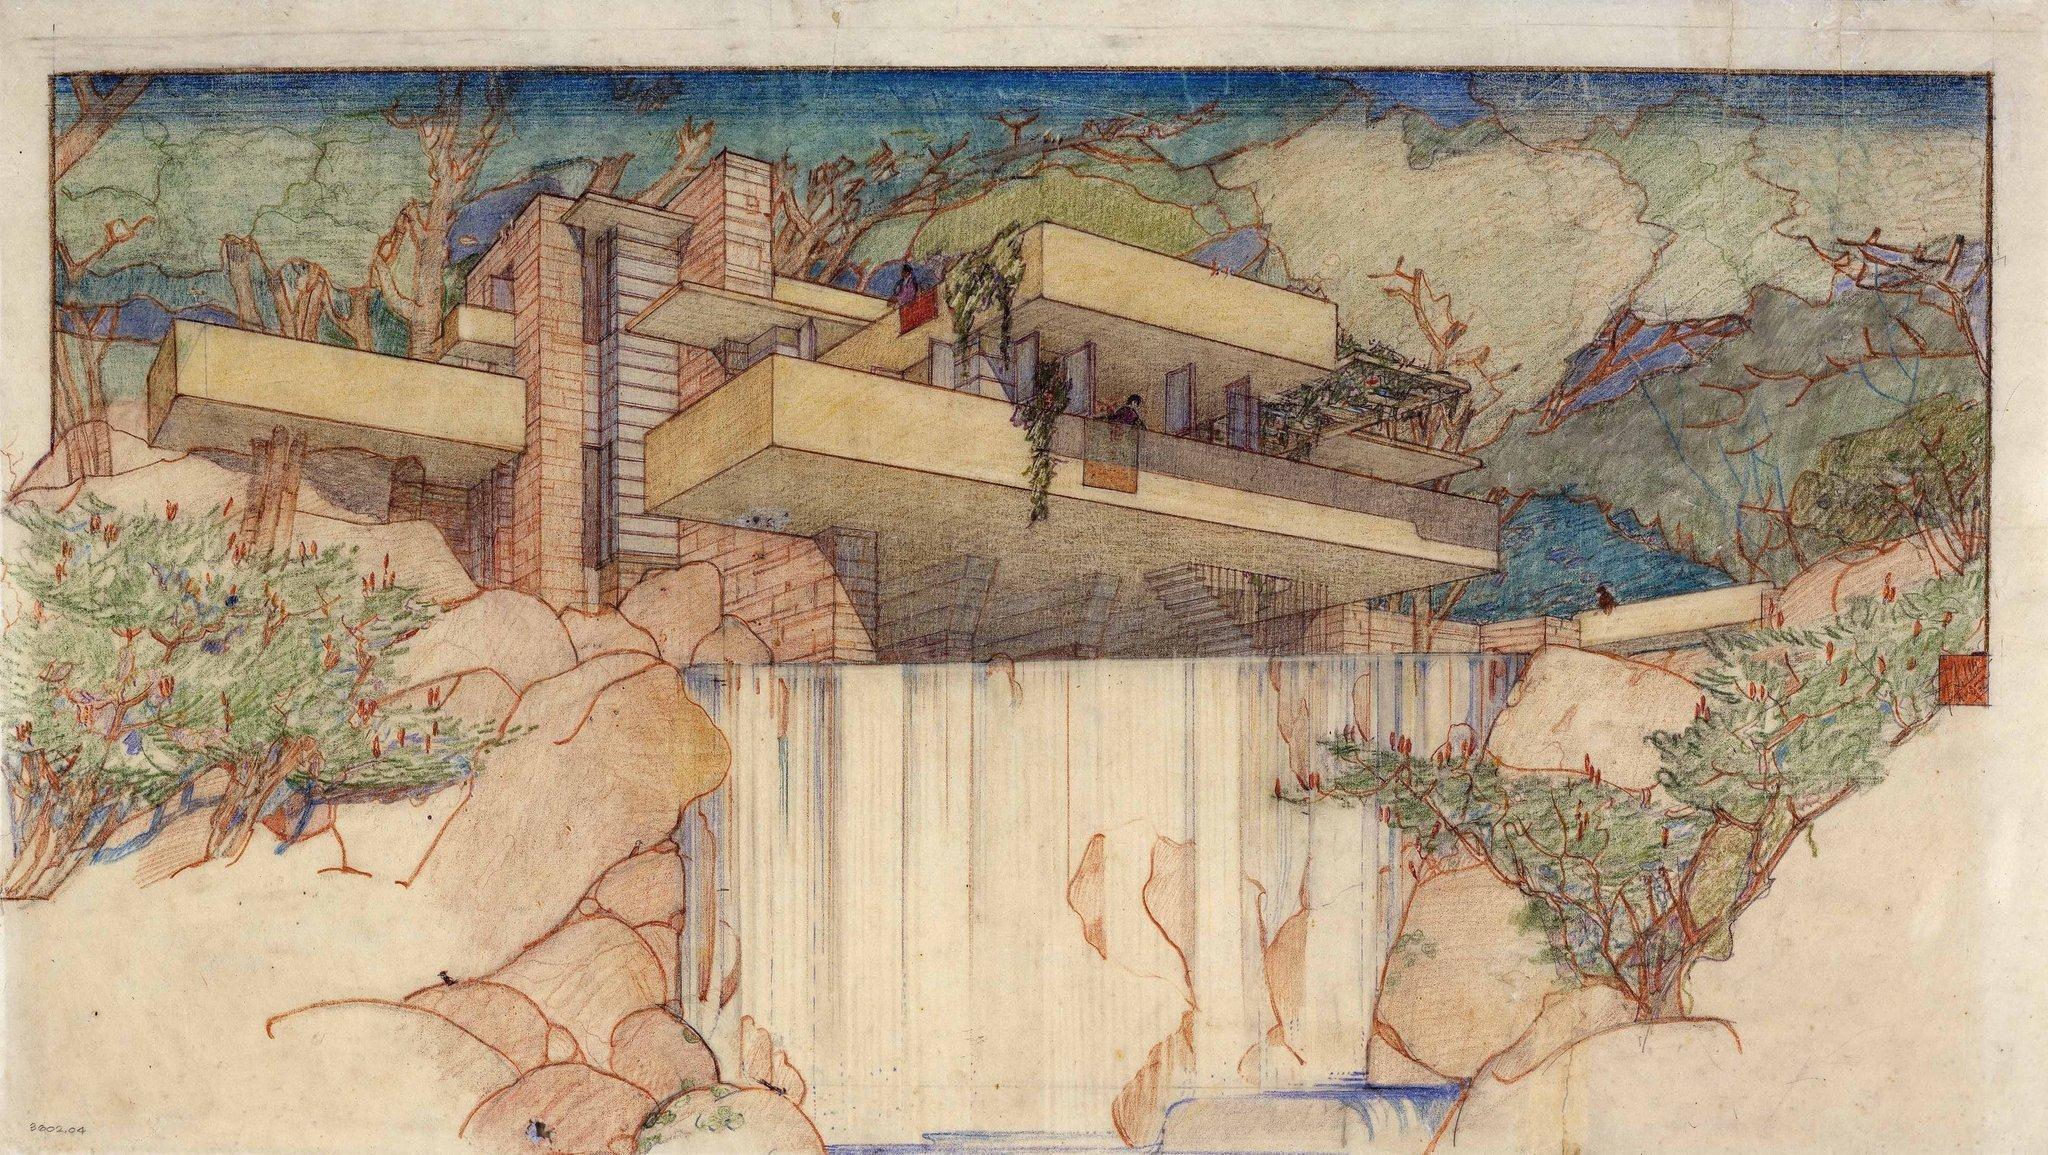 Fallingwater - Sketch by Frank Lloyd Wright